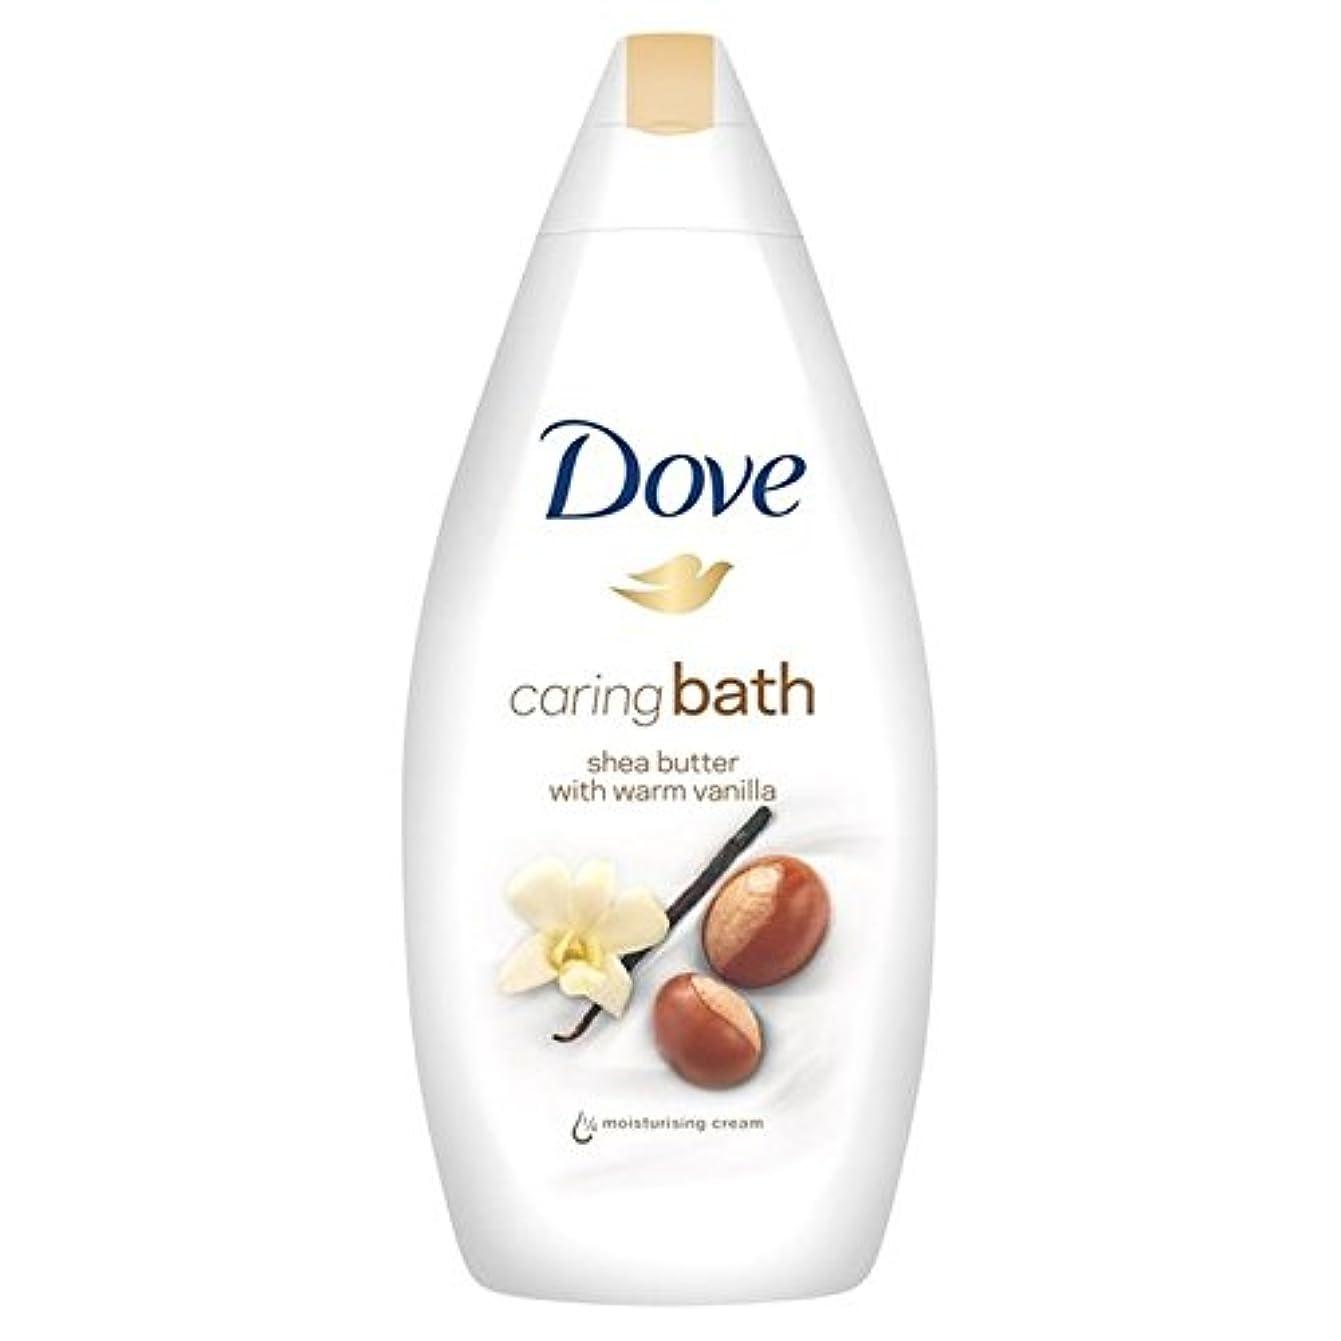 枕遅滞浮く鳩純粋な贅沢シアバター思いやりのあるクリームバス500ミリリットル x4 - Dove Purely Pampering Shea Butter Caring Cream Bath 500ml (Pack of 4) [並行輸入品]